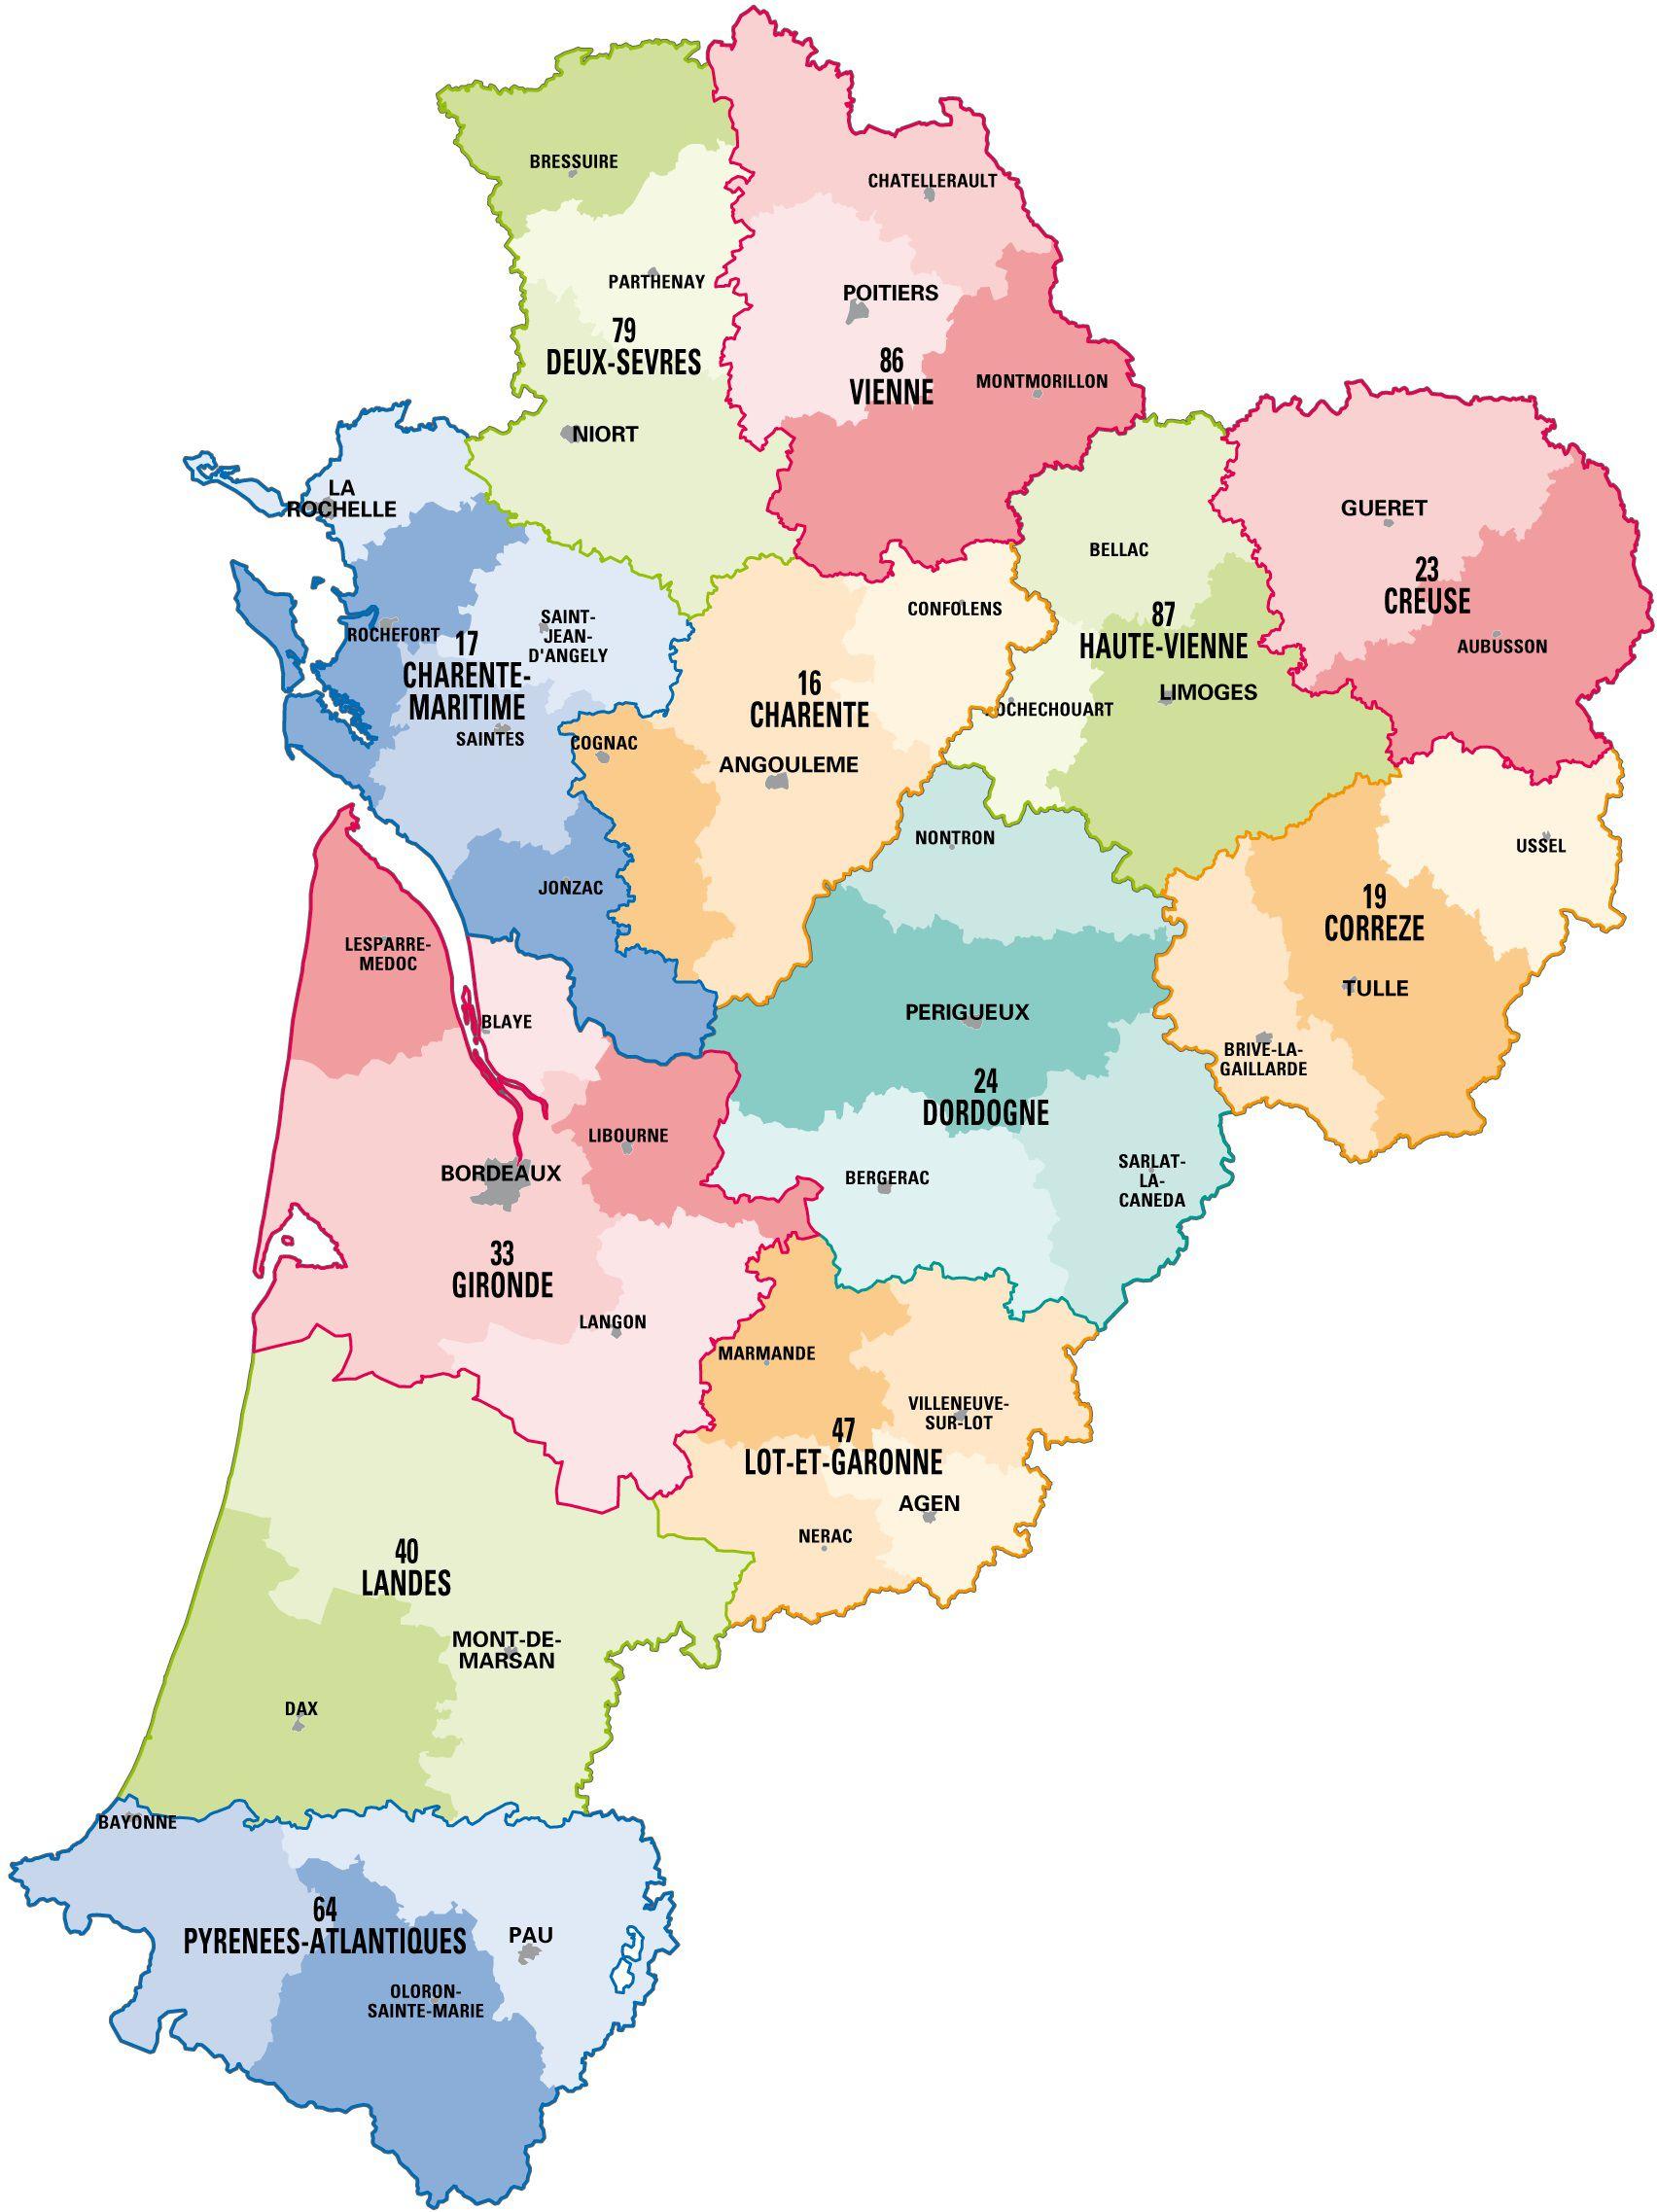 agen region aquitaine